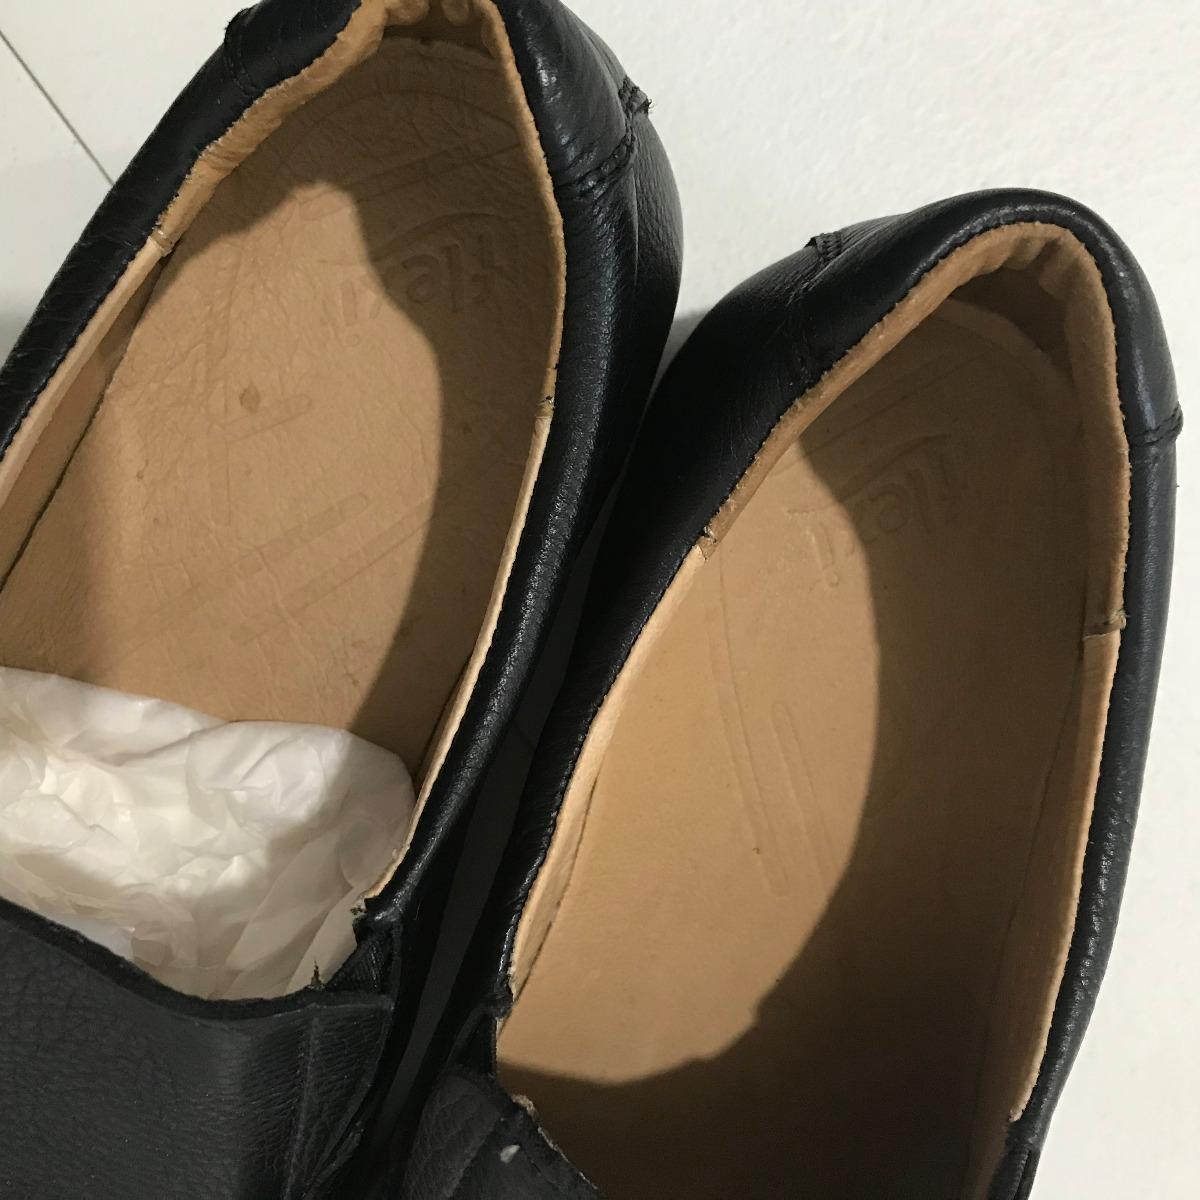 739d610d Zapatos Flexi Negro Talla 30 Mex 12 Usa Nuevo - $ 599.00 en Mercado ...